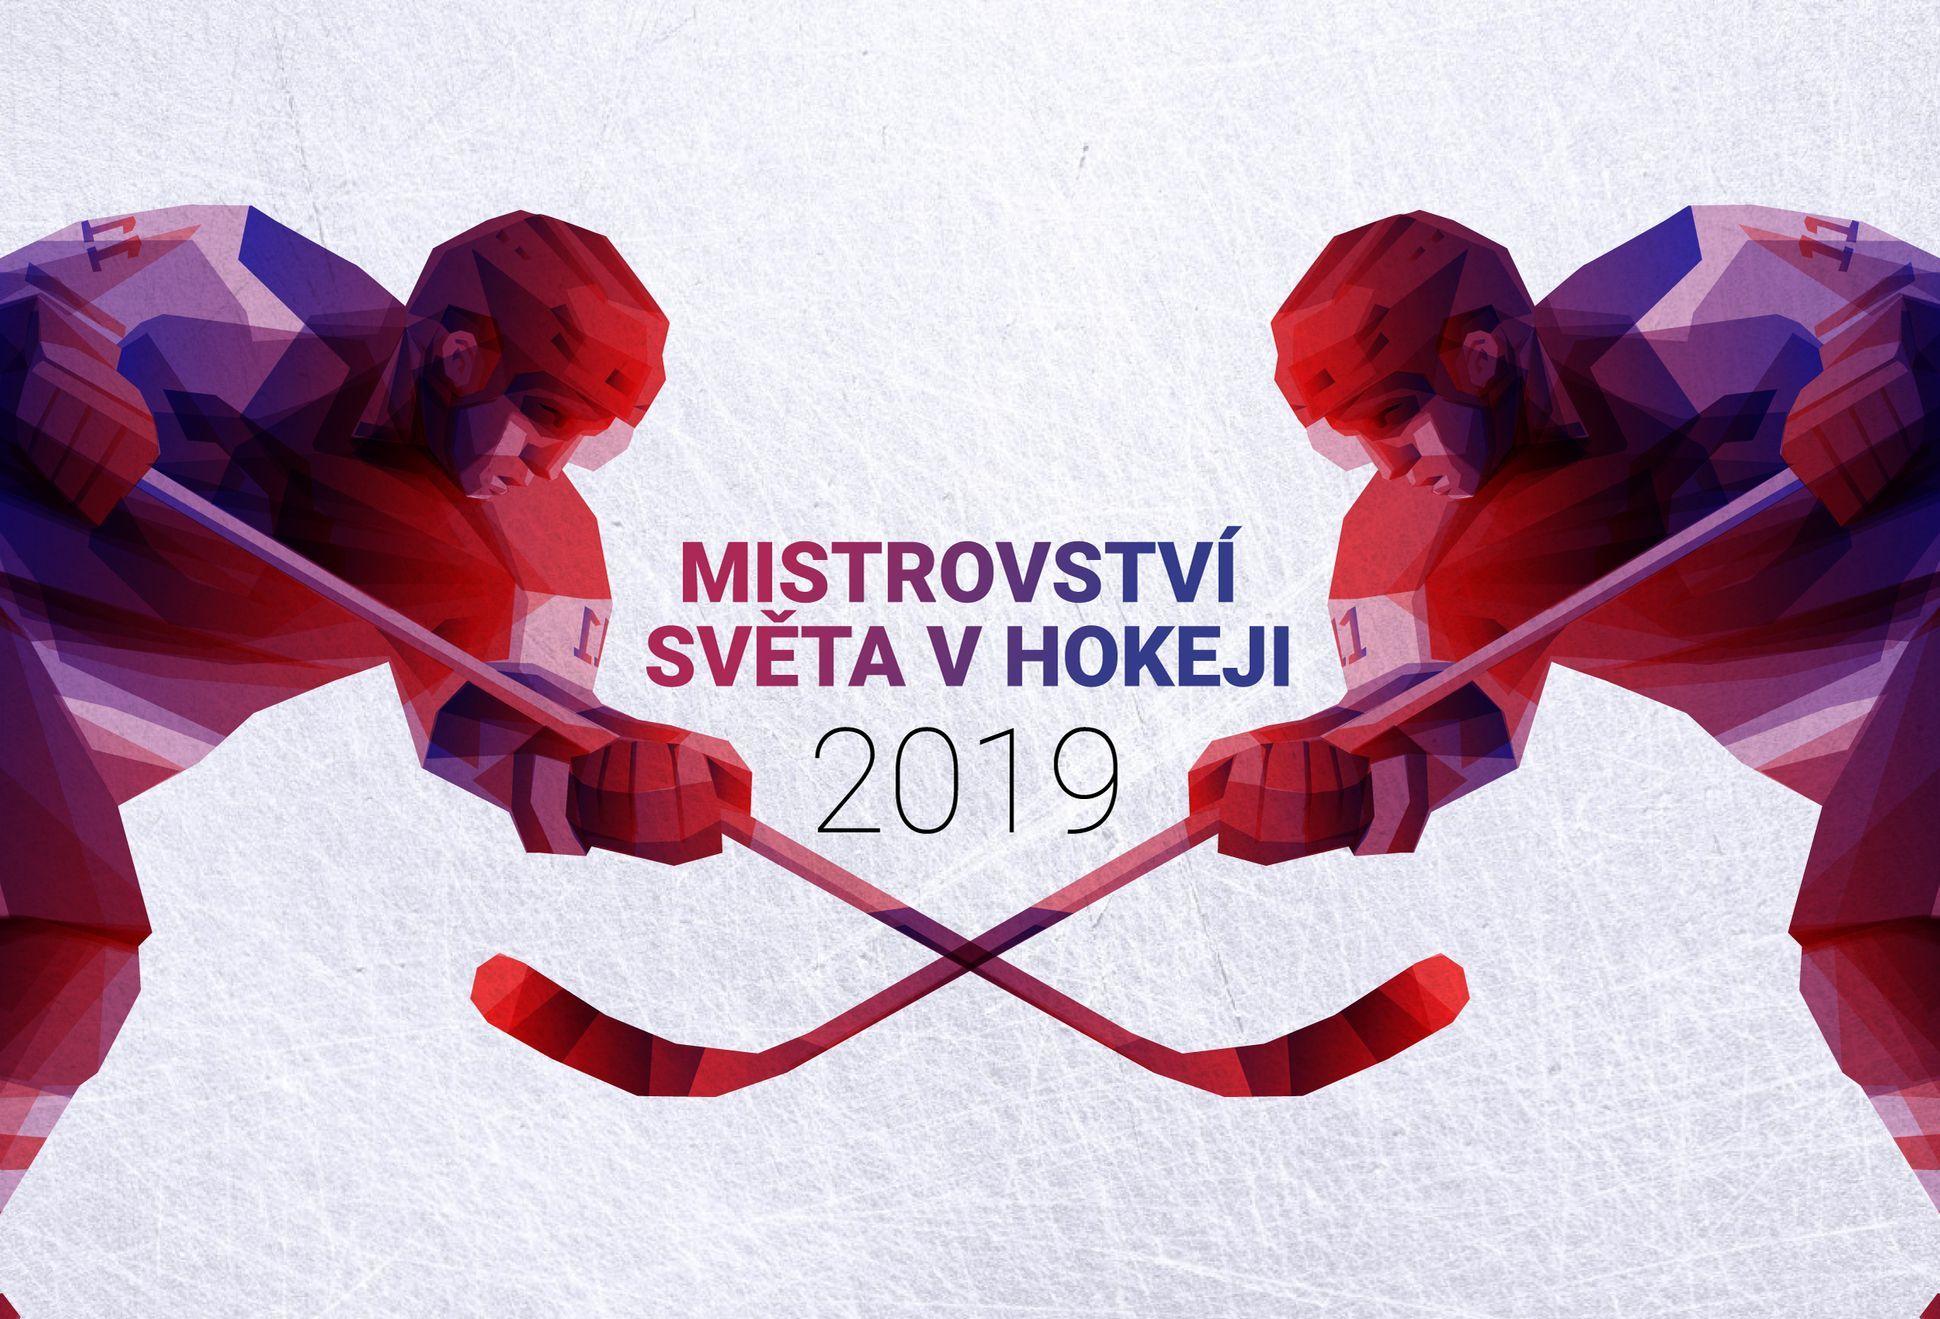 ecf407fb07e8a Vše o MS v hokeji 2019 na Slovensku. Program, tabulky, výsledky,  statistiky. - Aktuálně.cz